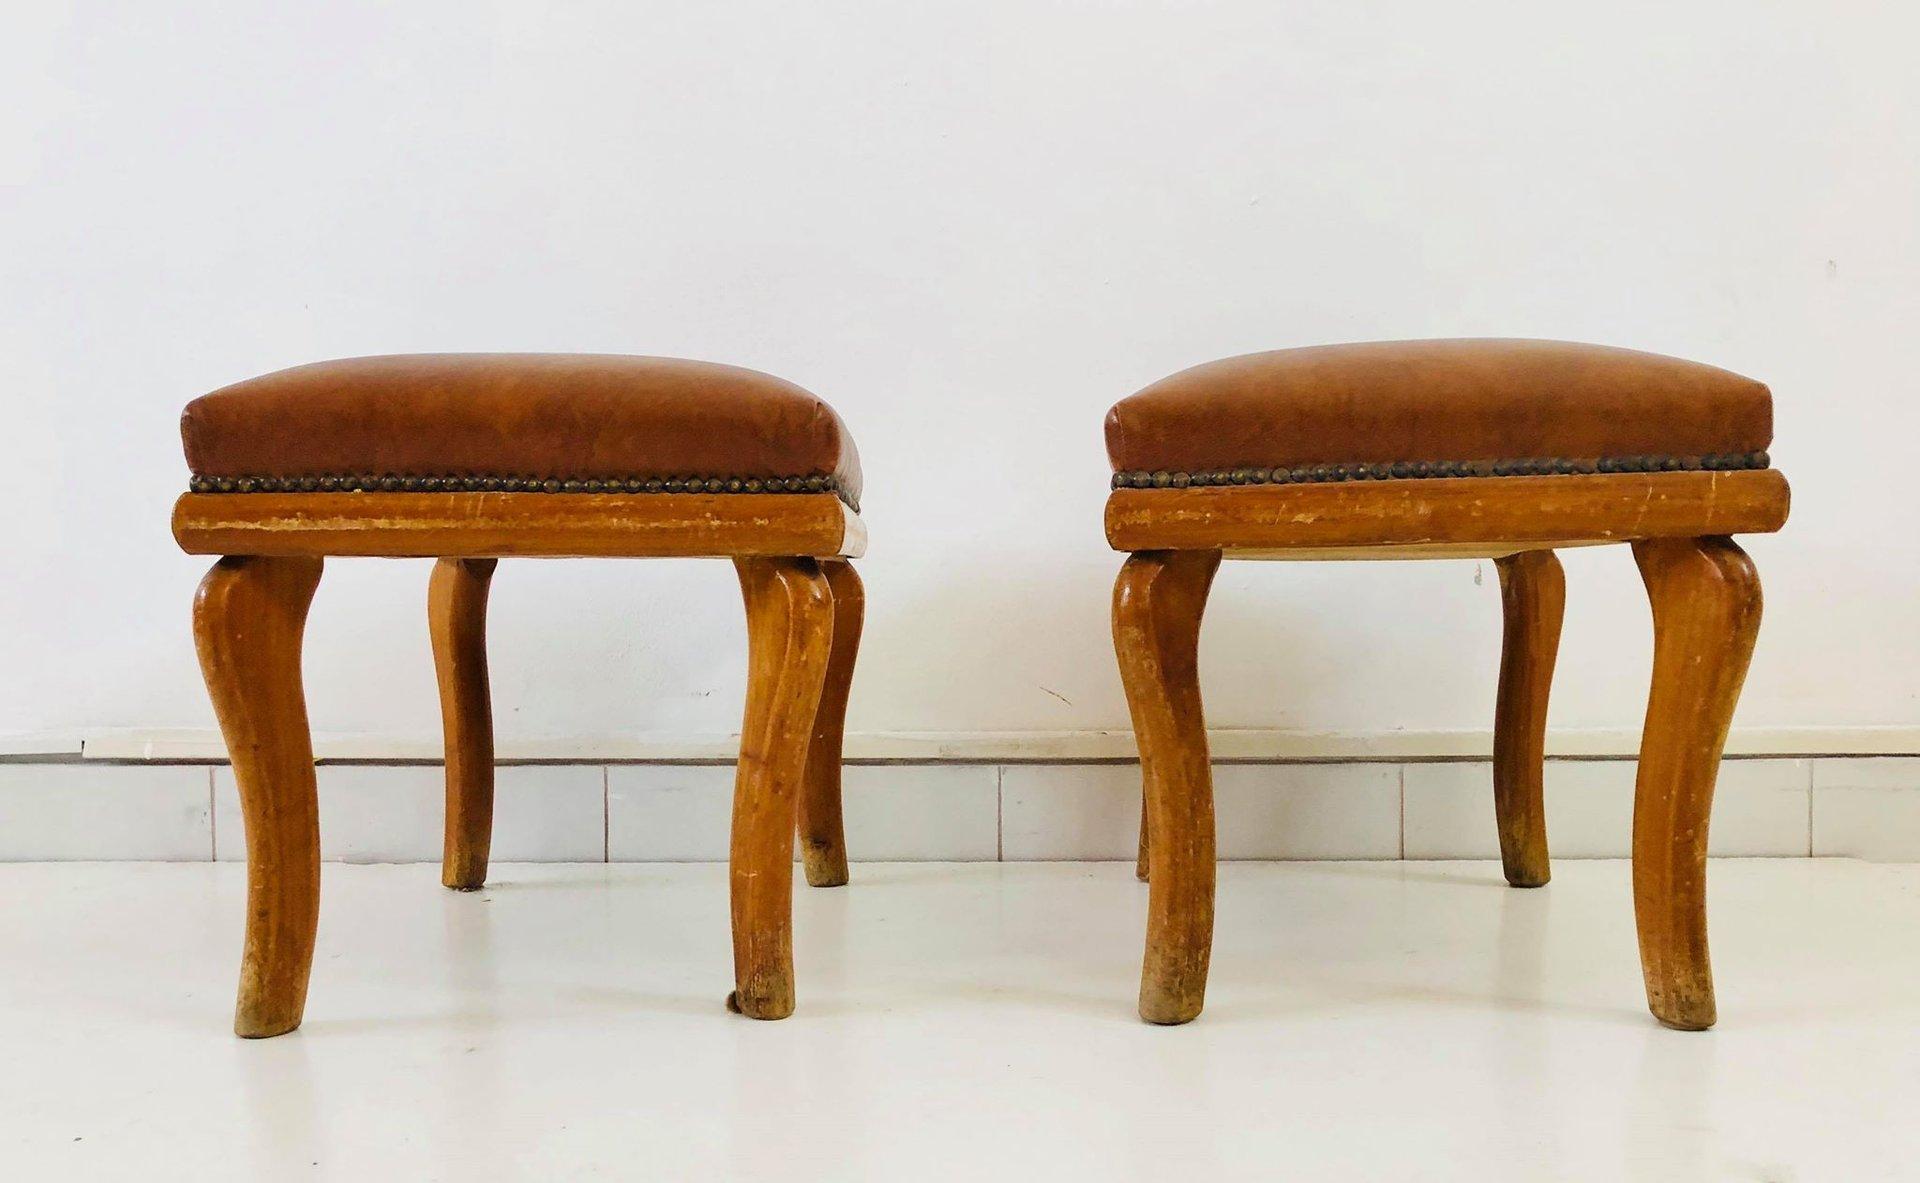 italienische vintage sessel mit ottomanen von paolo buffa 1950er 2er set bei pamono kaufen. Black Bedroom Furniture Sets. Home Design Ideas